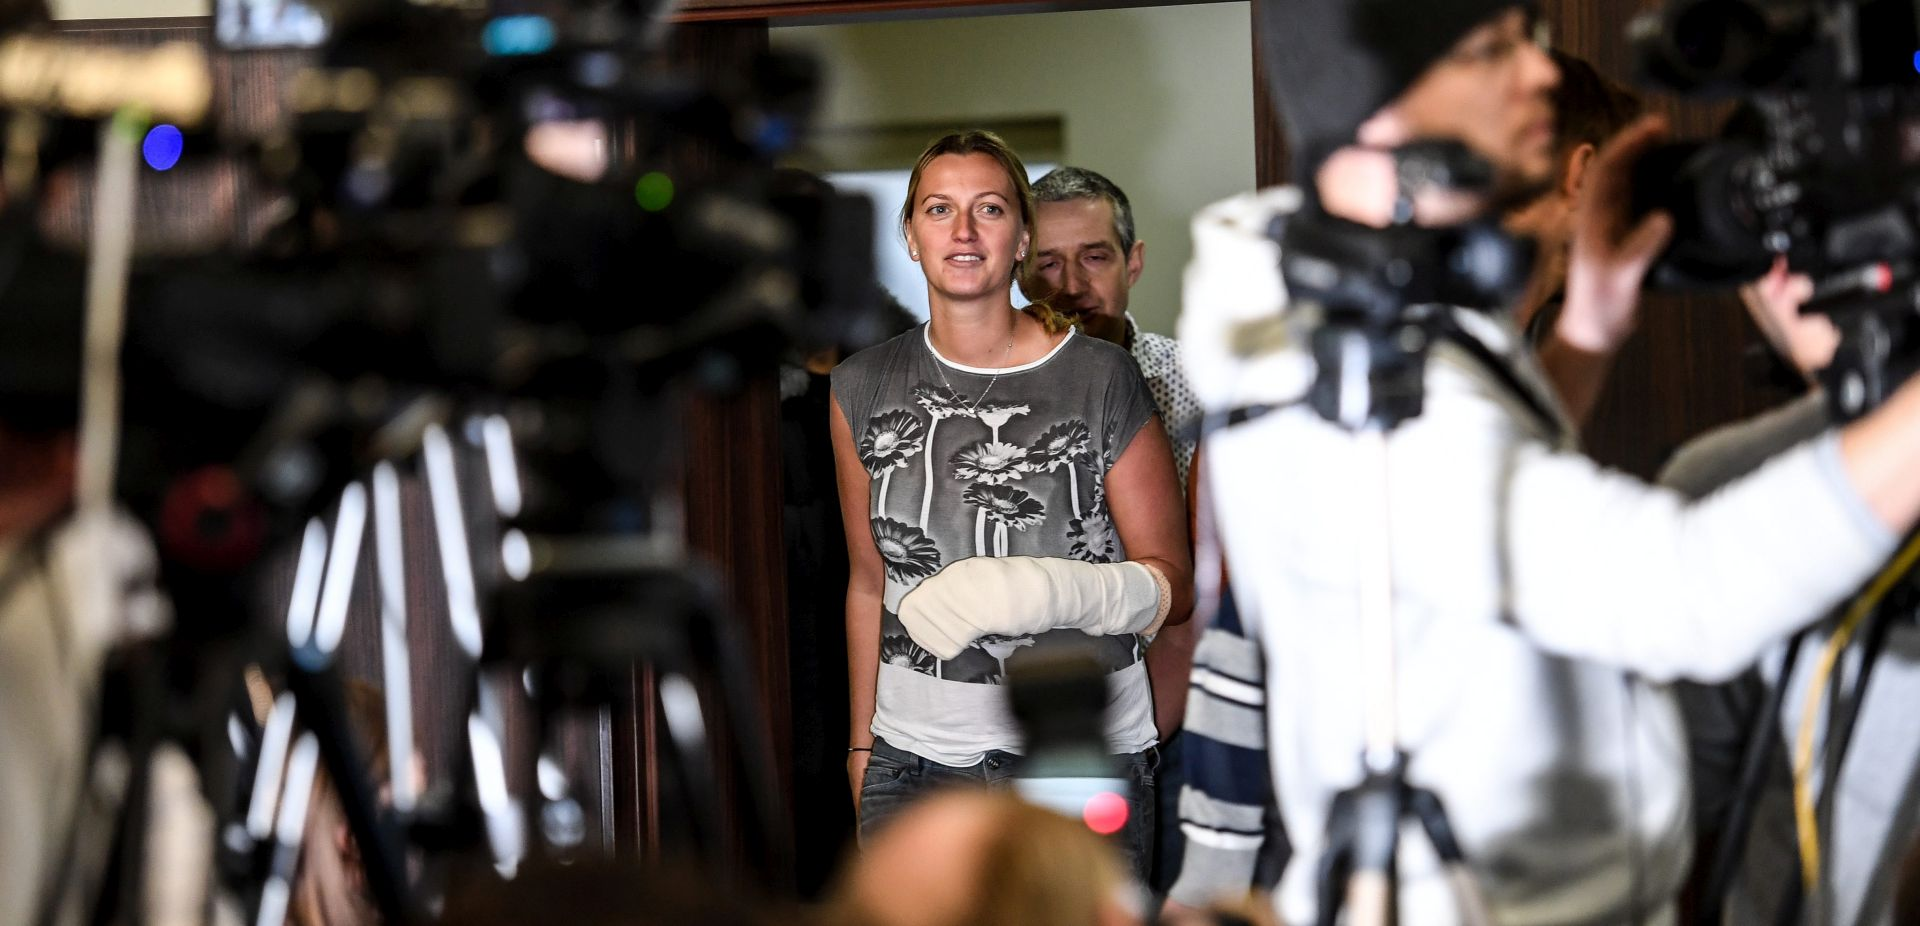 Petra Kvitova odlučna u povratku tenisu nakon napada i operacije